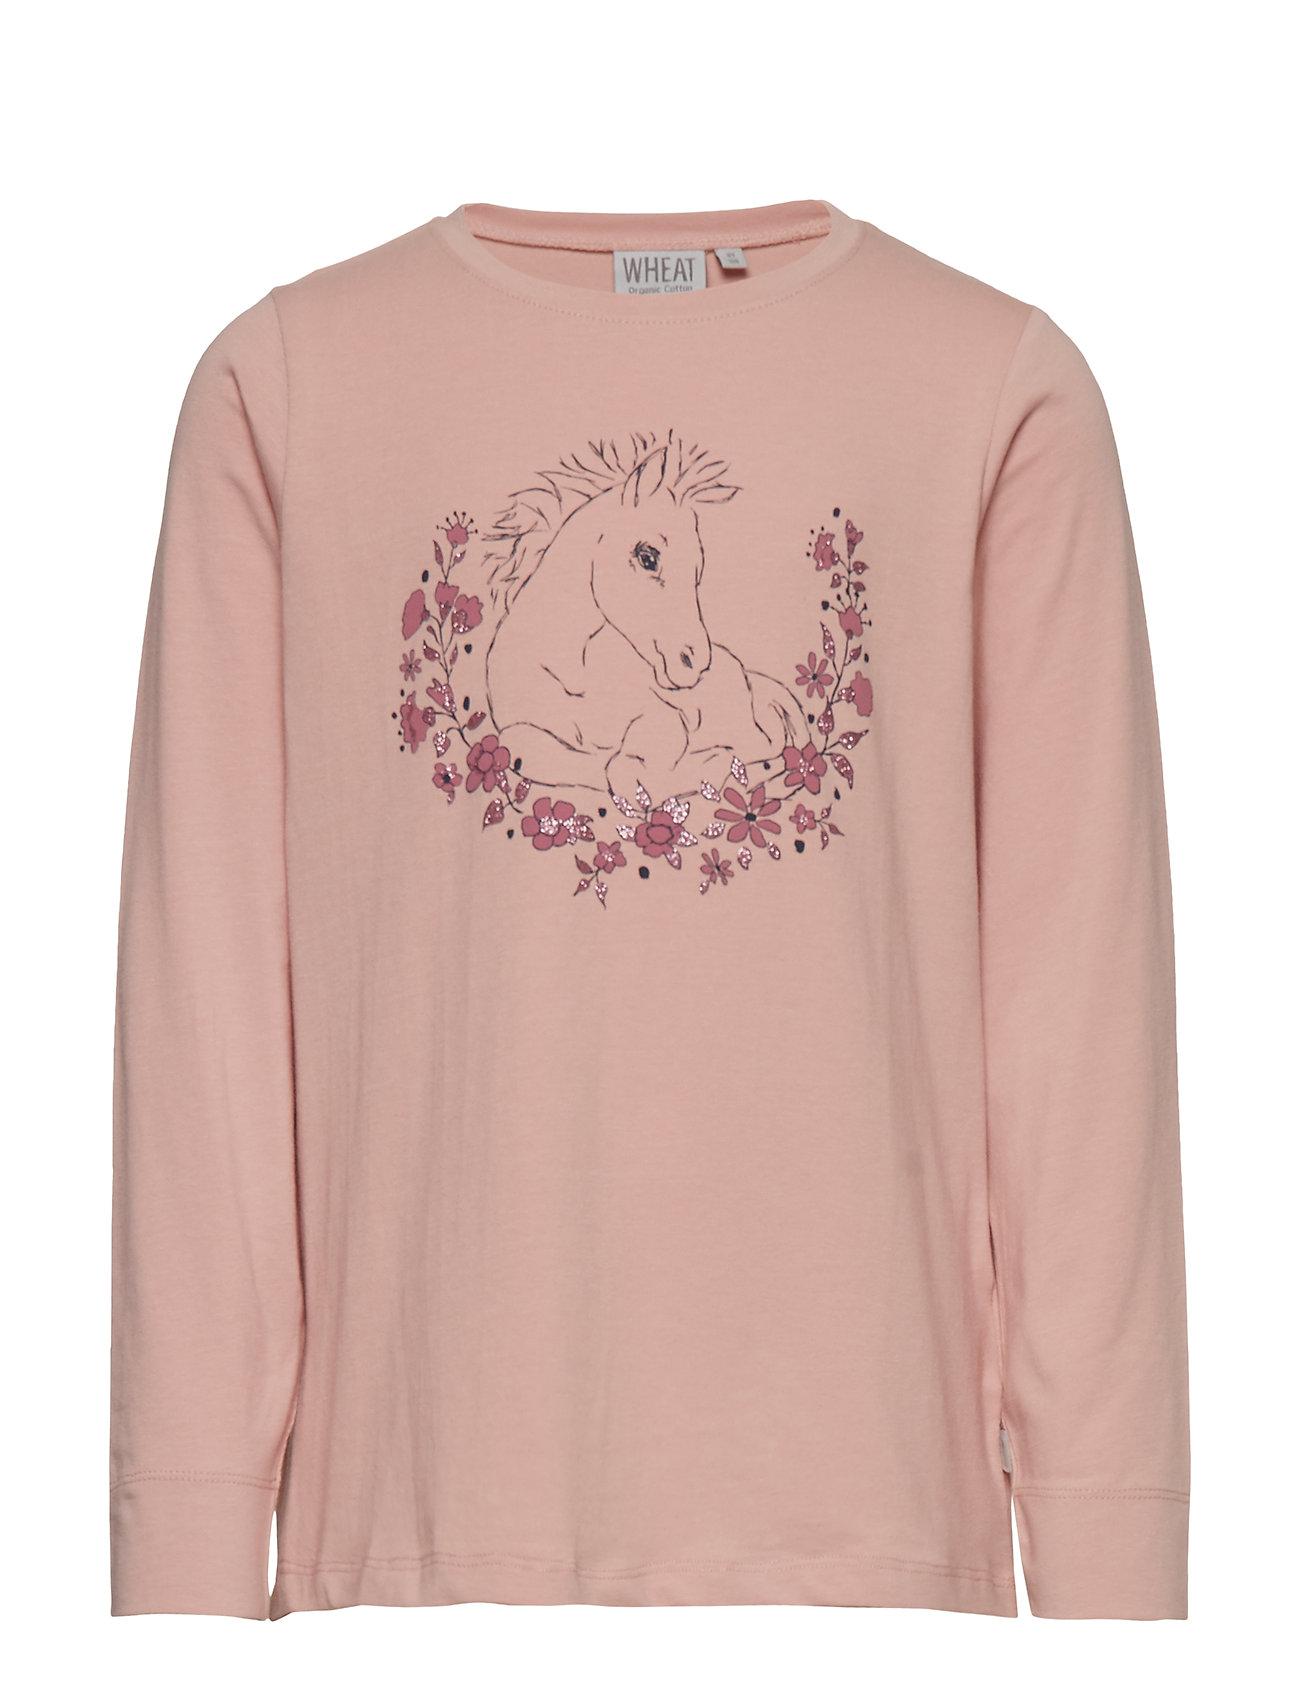 Wheat T-Shirt Foal - MISTY ROSE